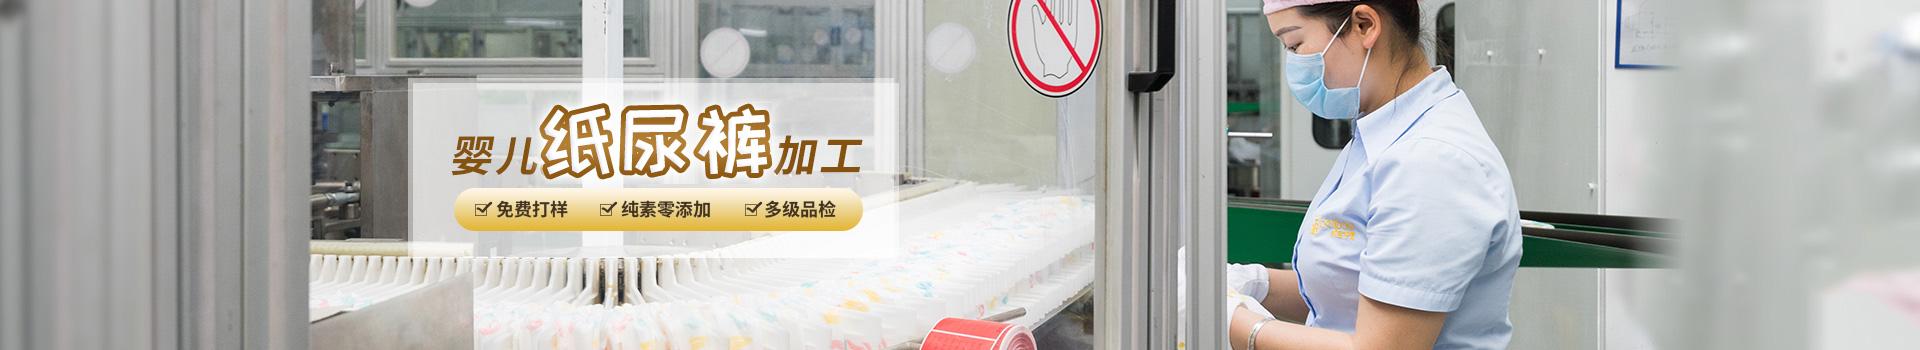 广东邦宝护理婴儿纸尿裤加工